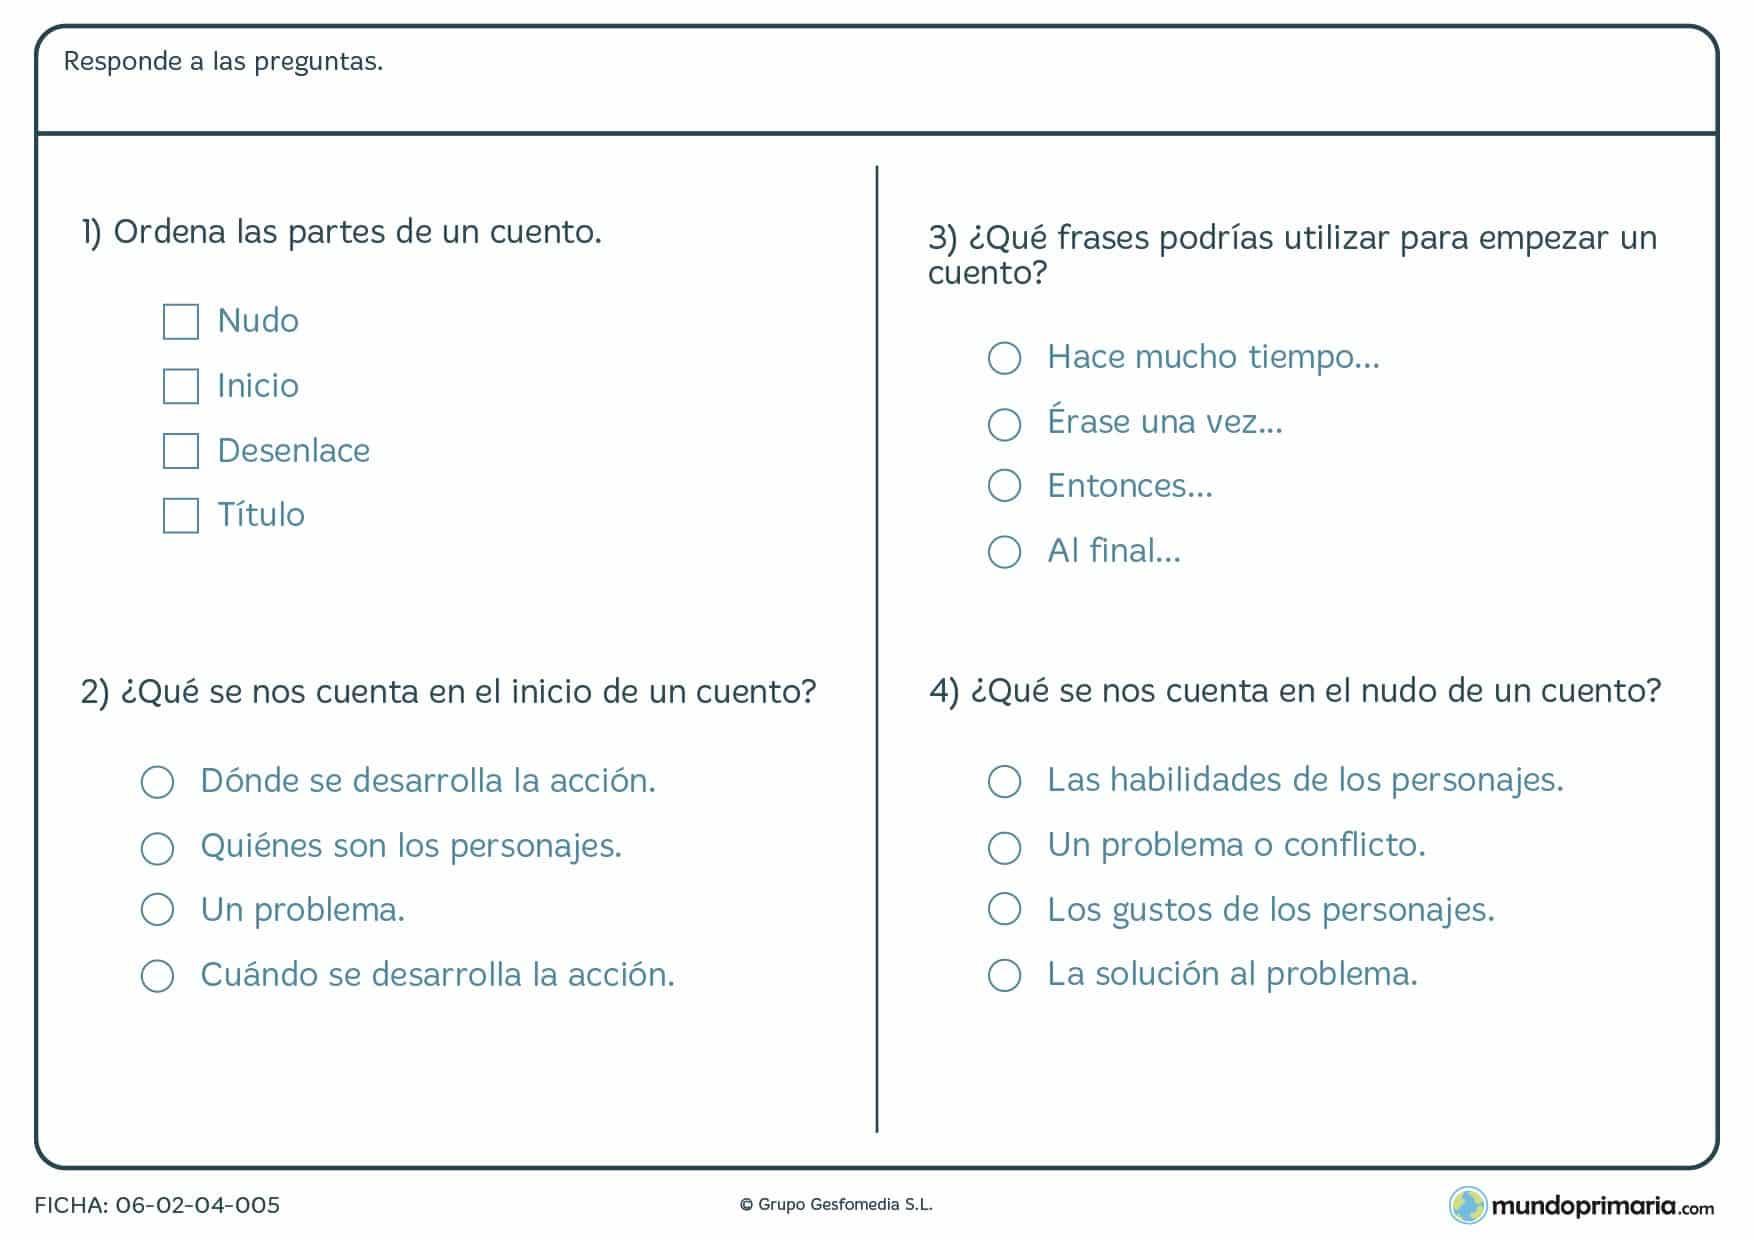 Ficha de lenguaje sobre preguntas de las partes de un cuento